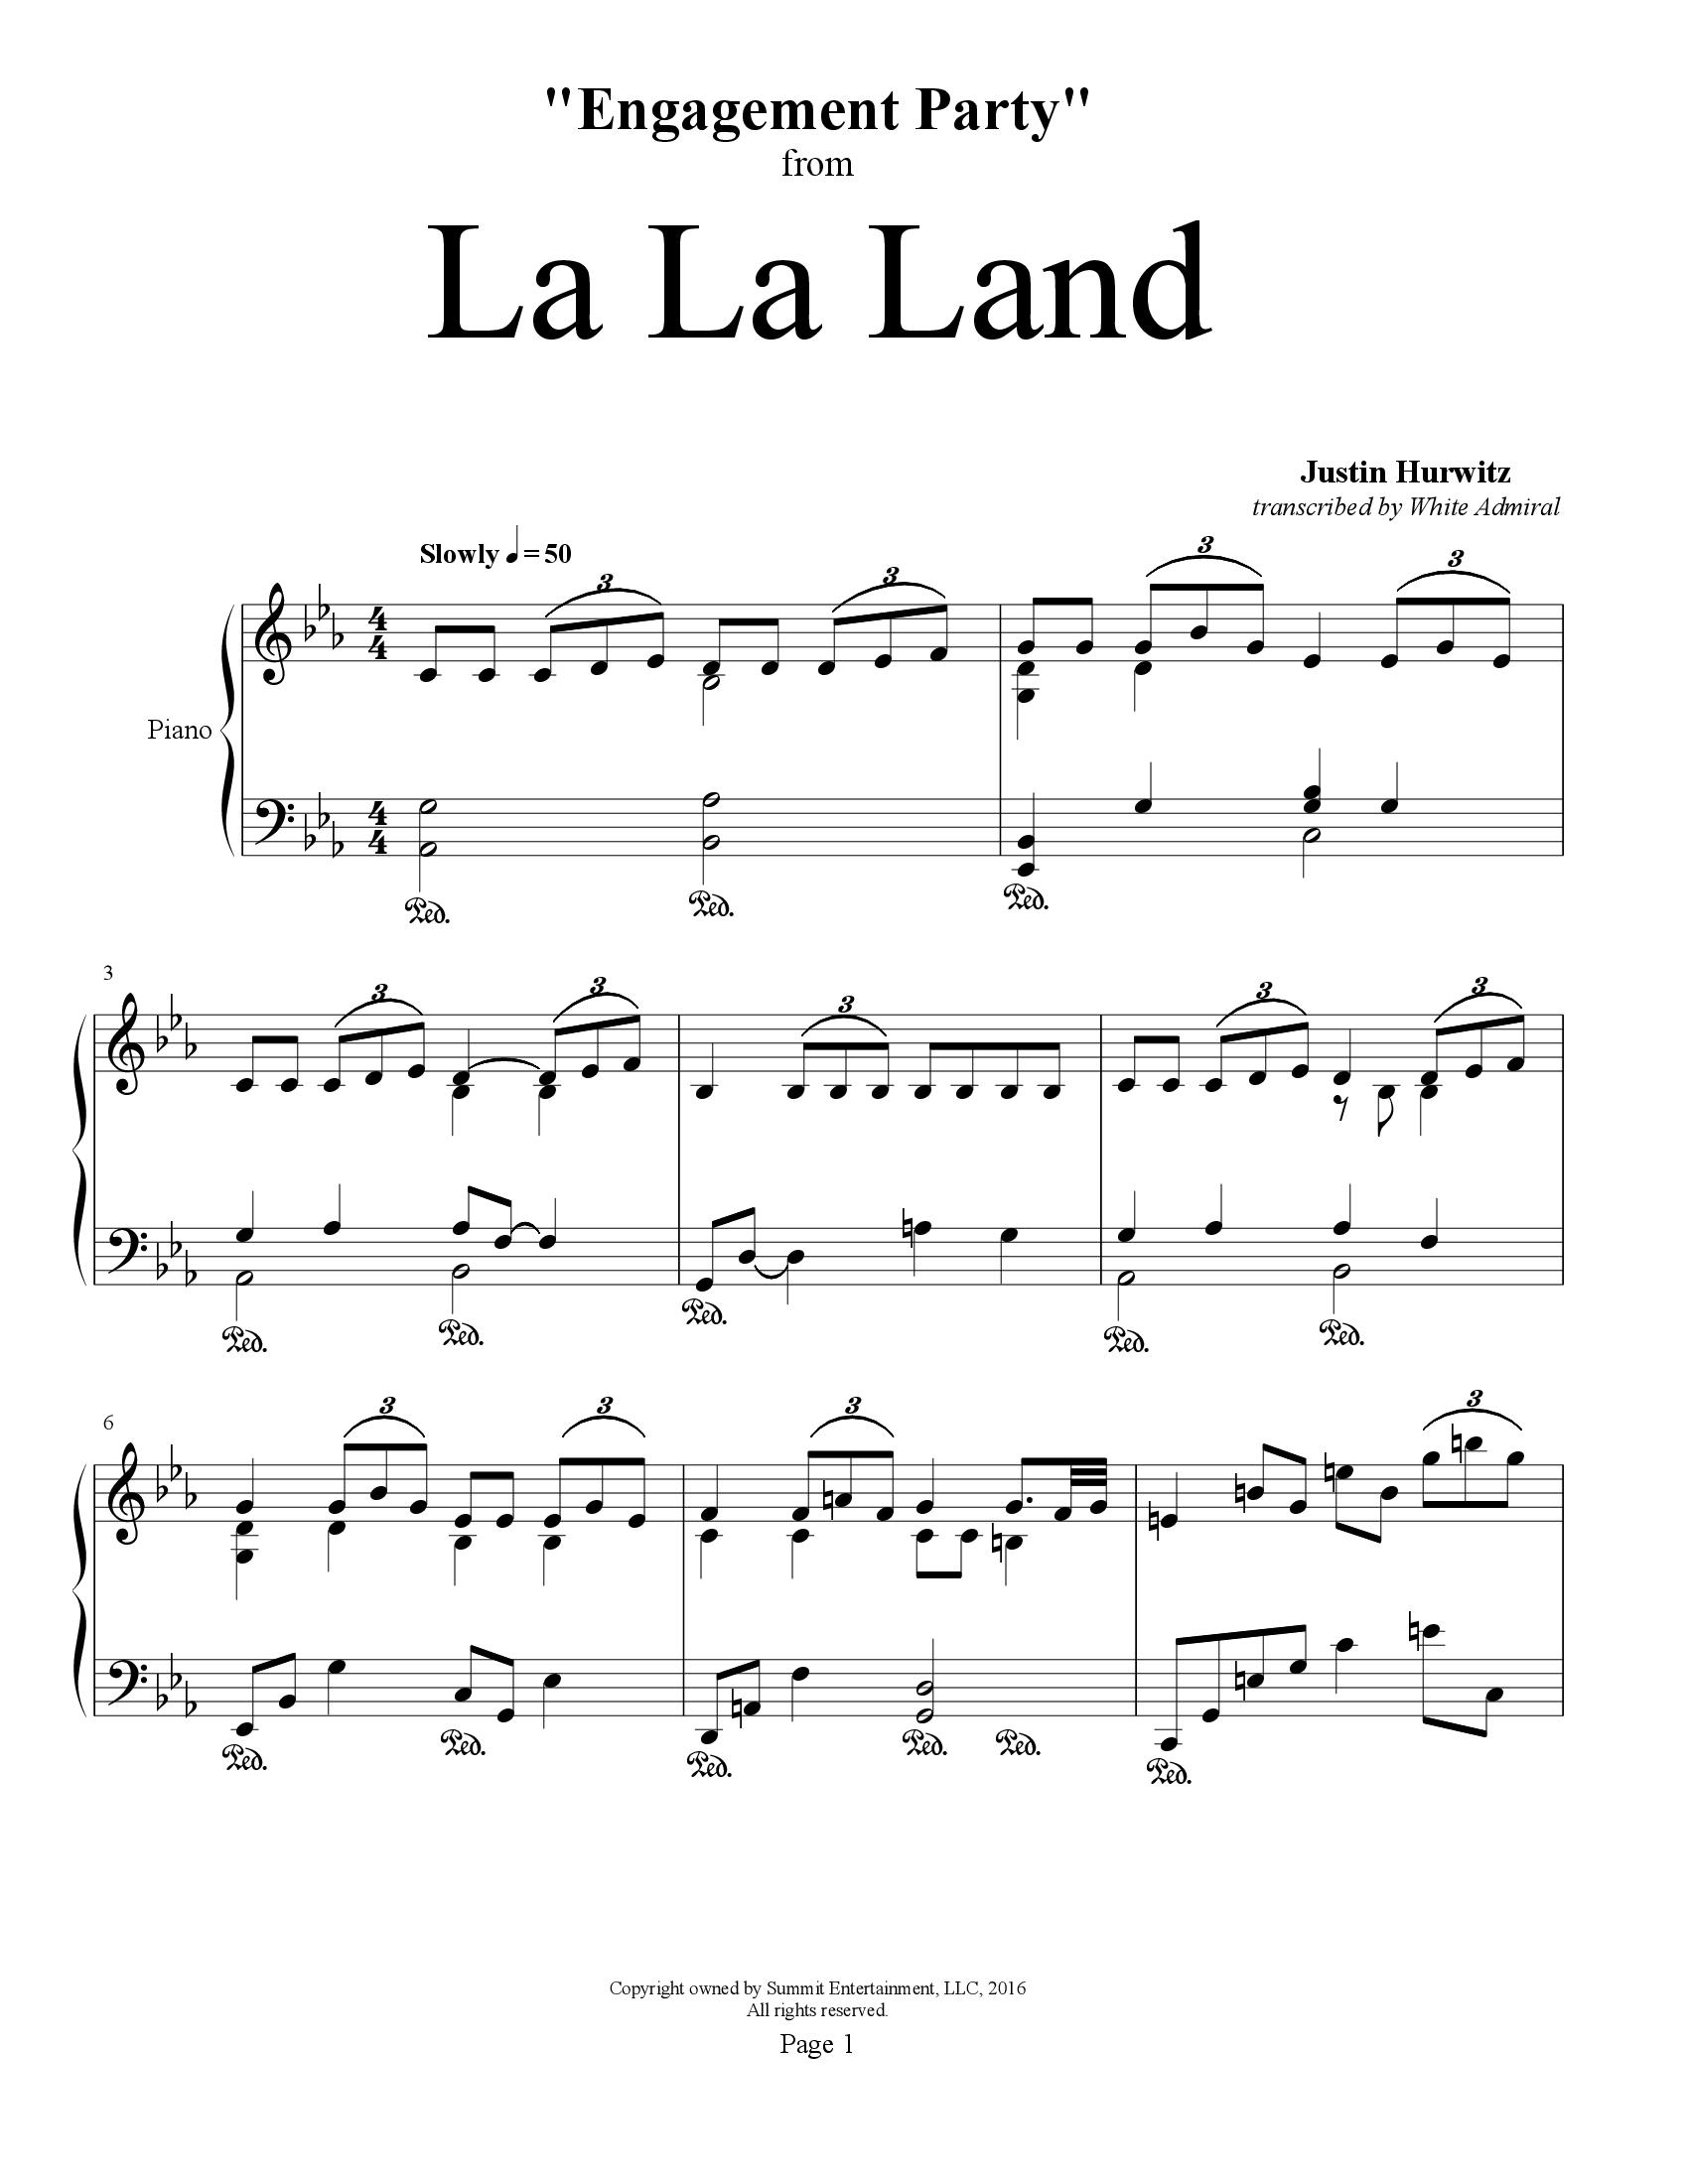 Learn swing jazz piano sheet